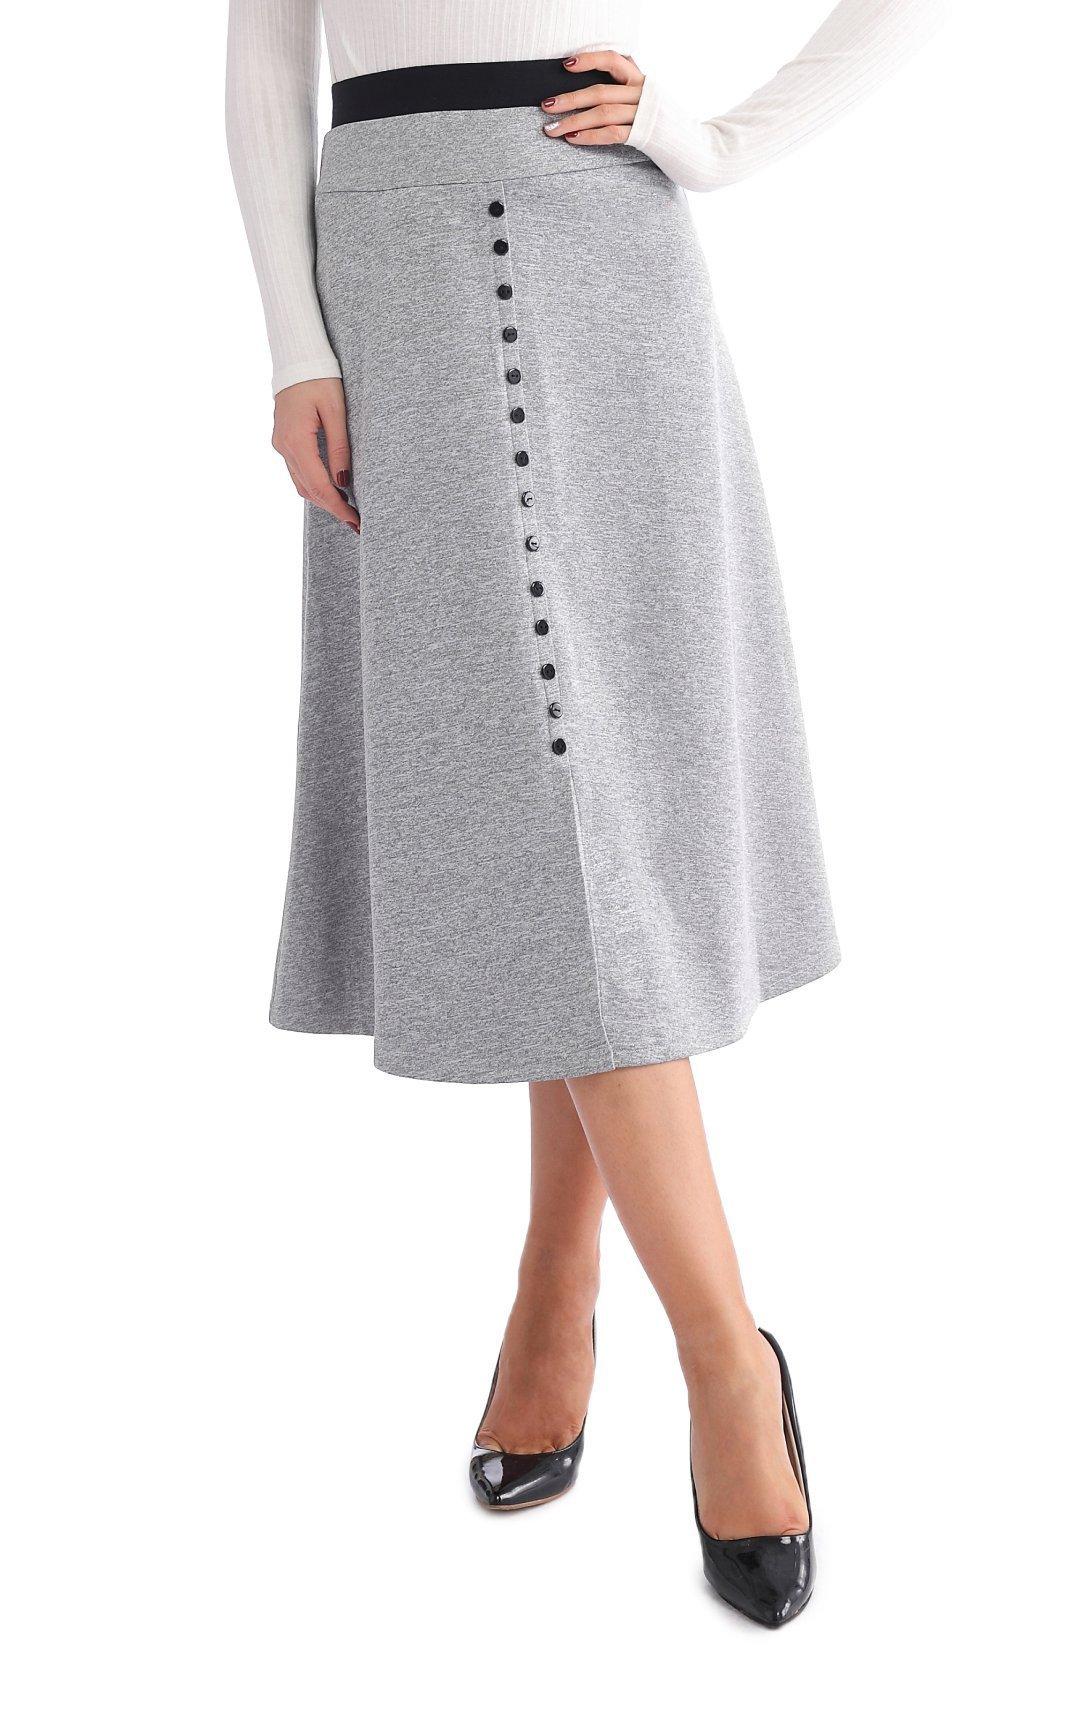 JOAUR Spacedye A-LINE Skirt for Womn Decor Button Front Slit Midi Dress